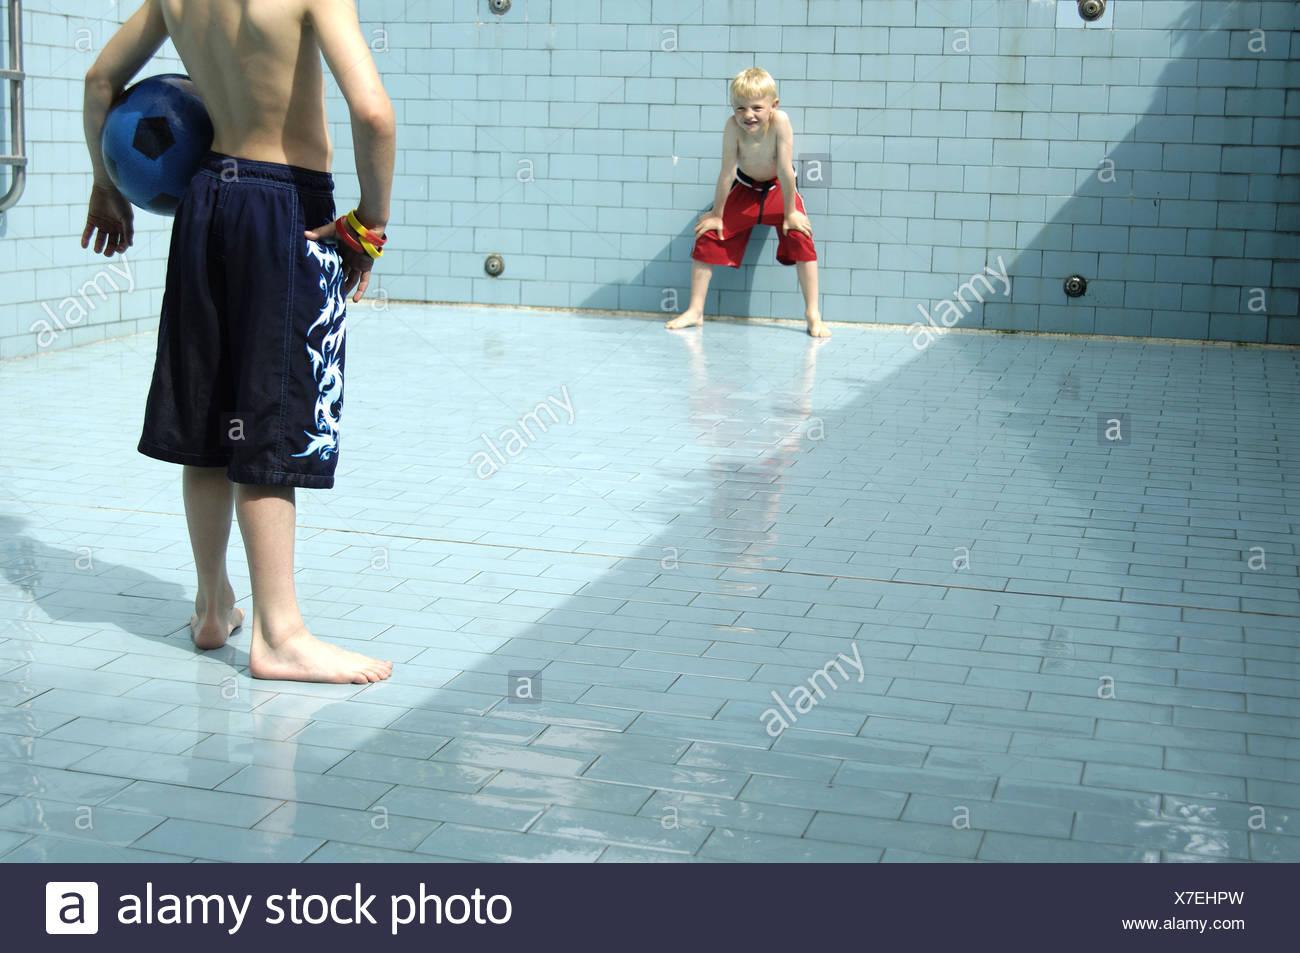 Piscina bambini vuota giochi di calcio dettaglio persone serie ...